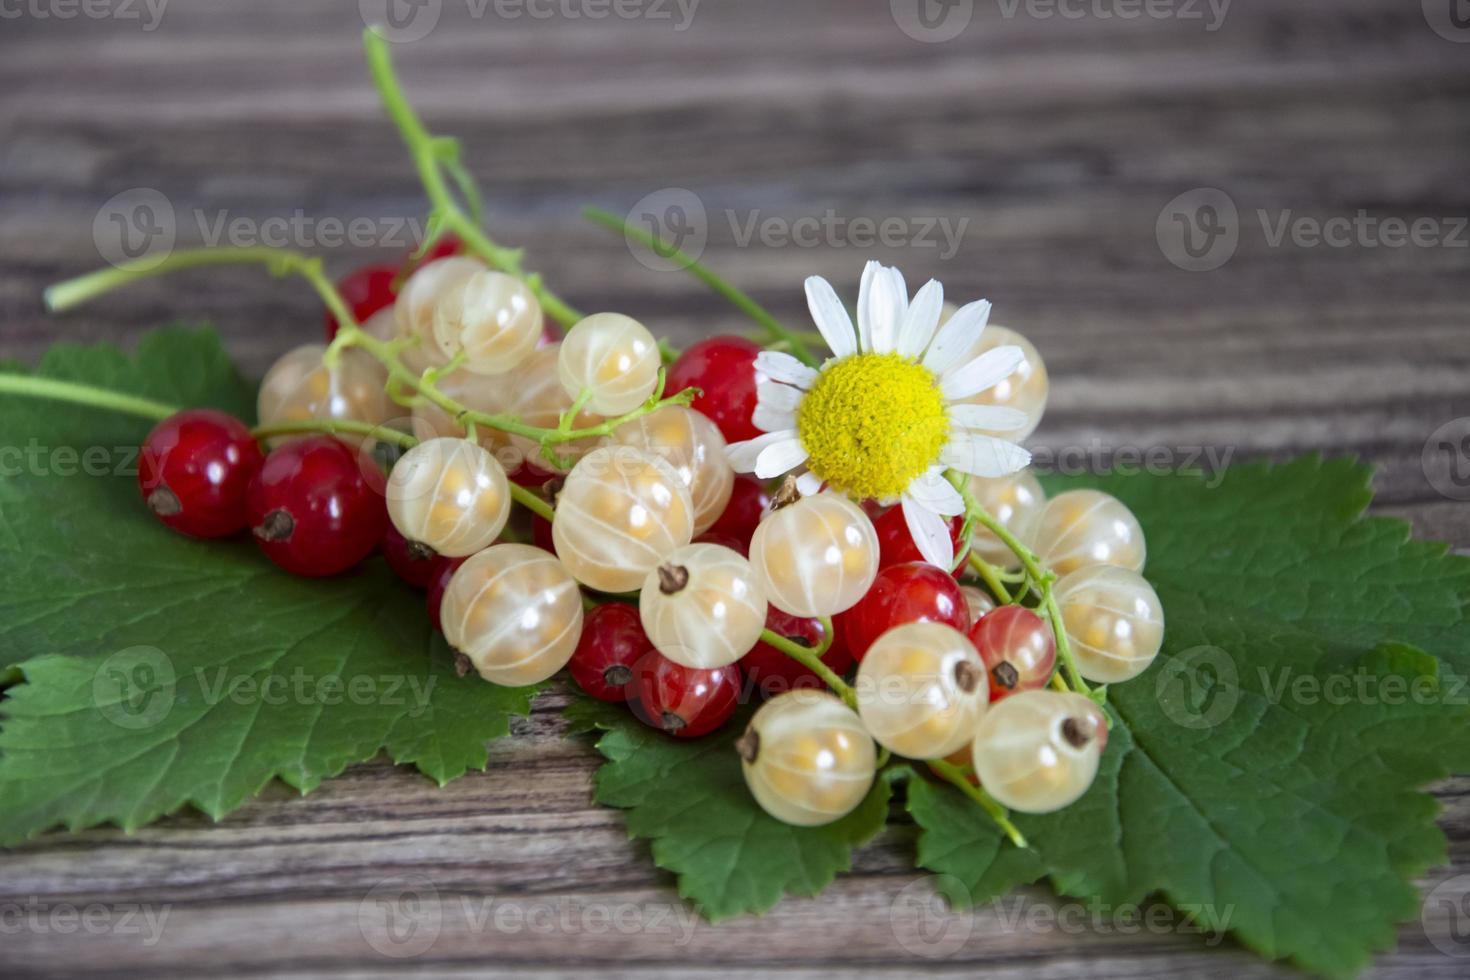 vinbär närbild. röda och vita vinbär med kamomillblommor på en träbakgrund. foto